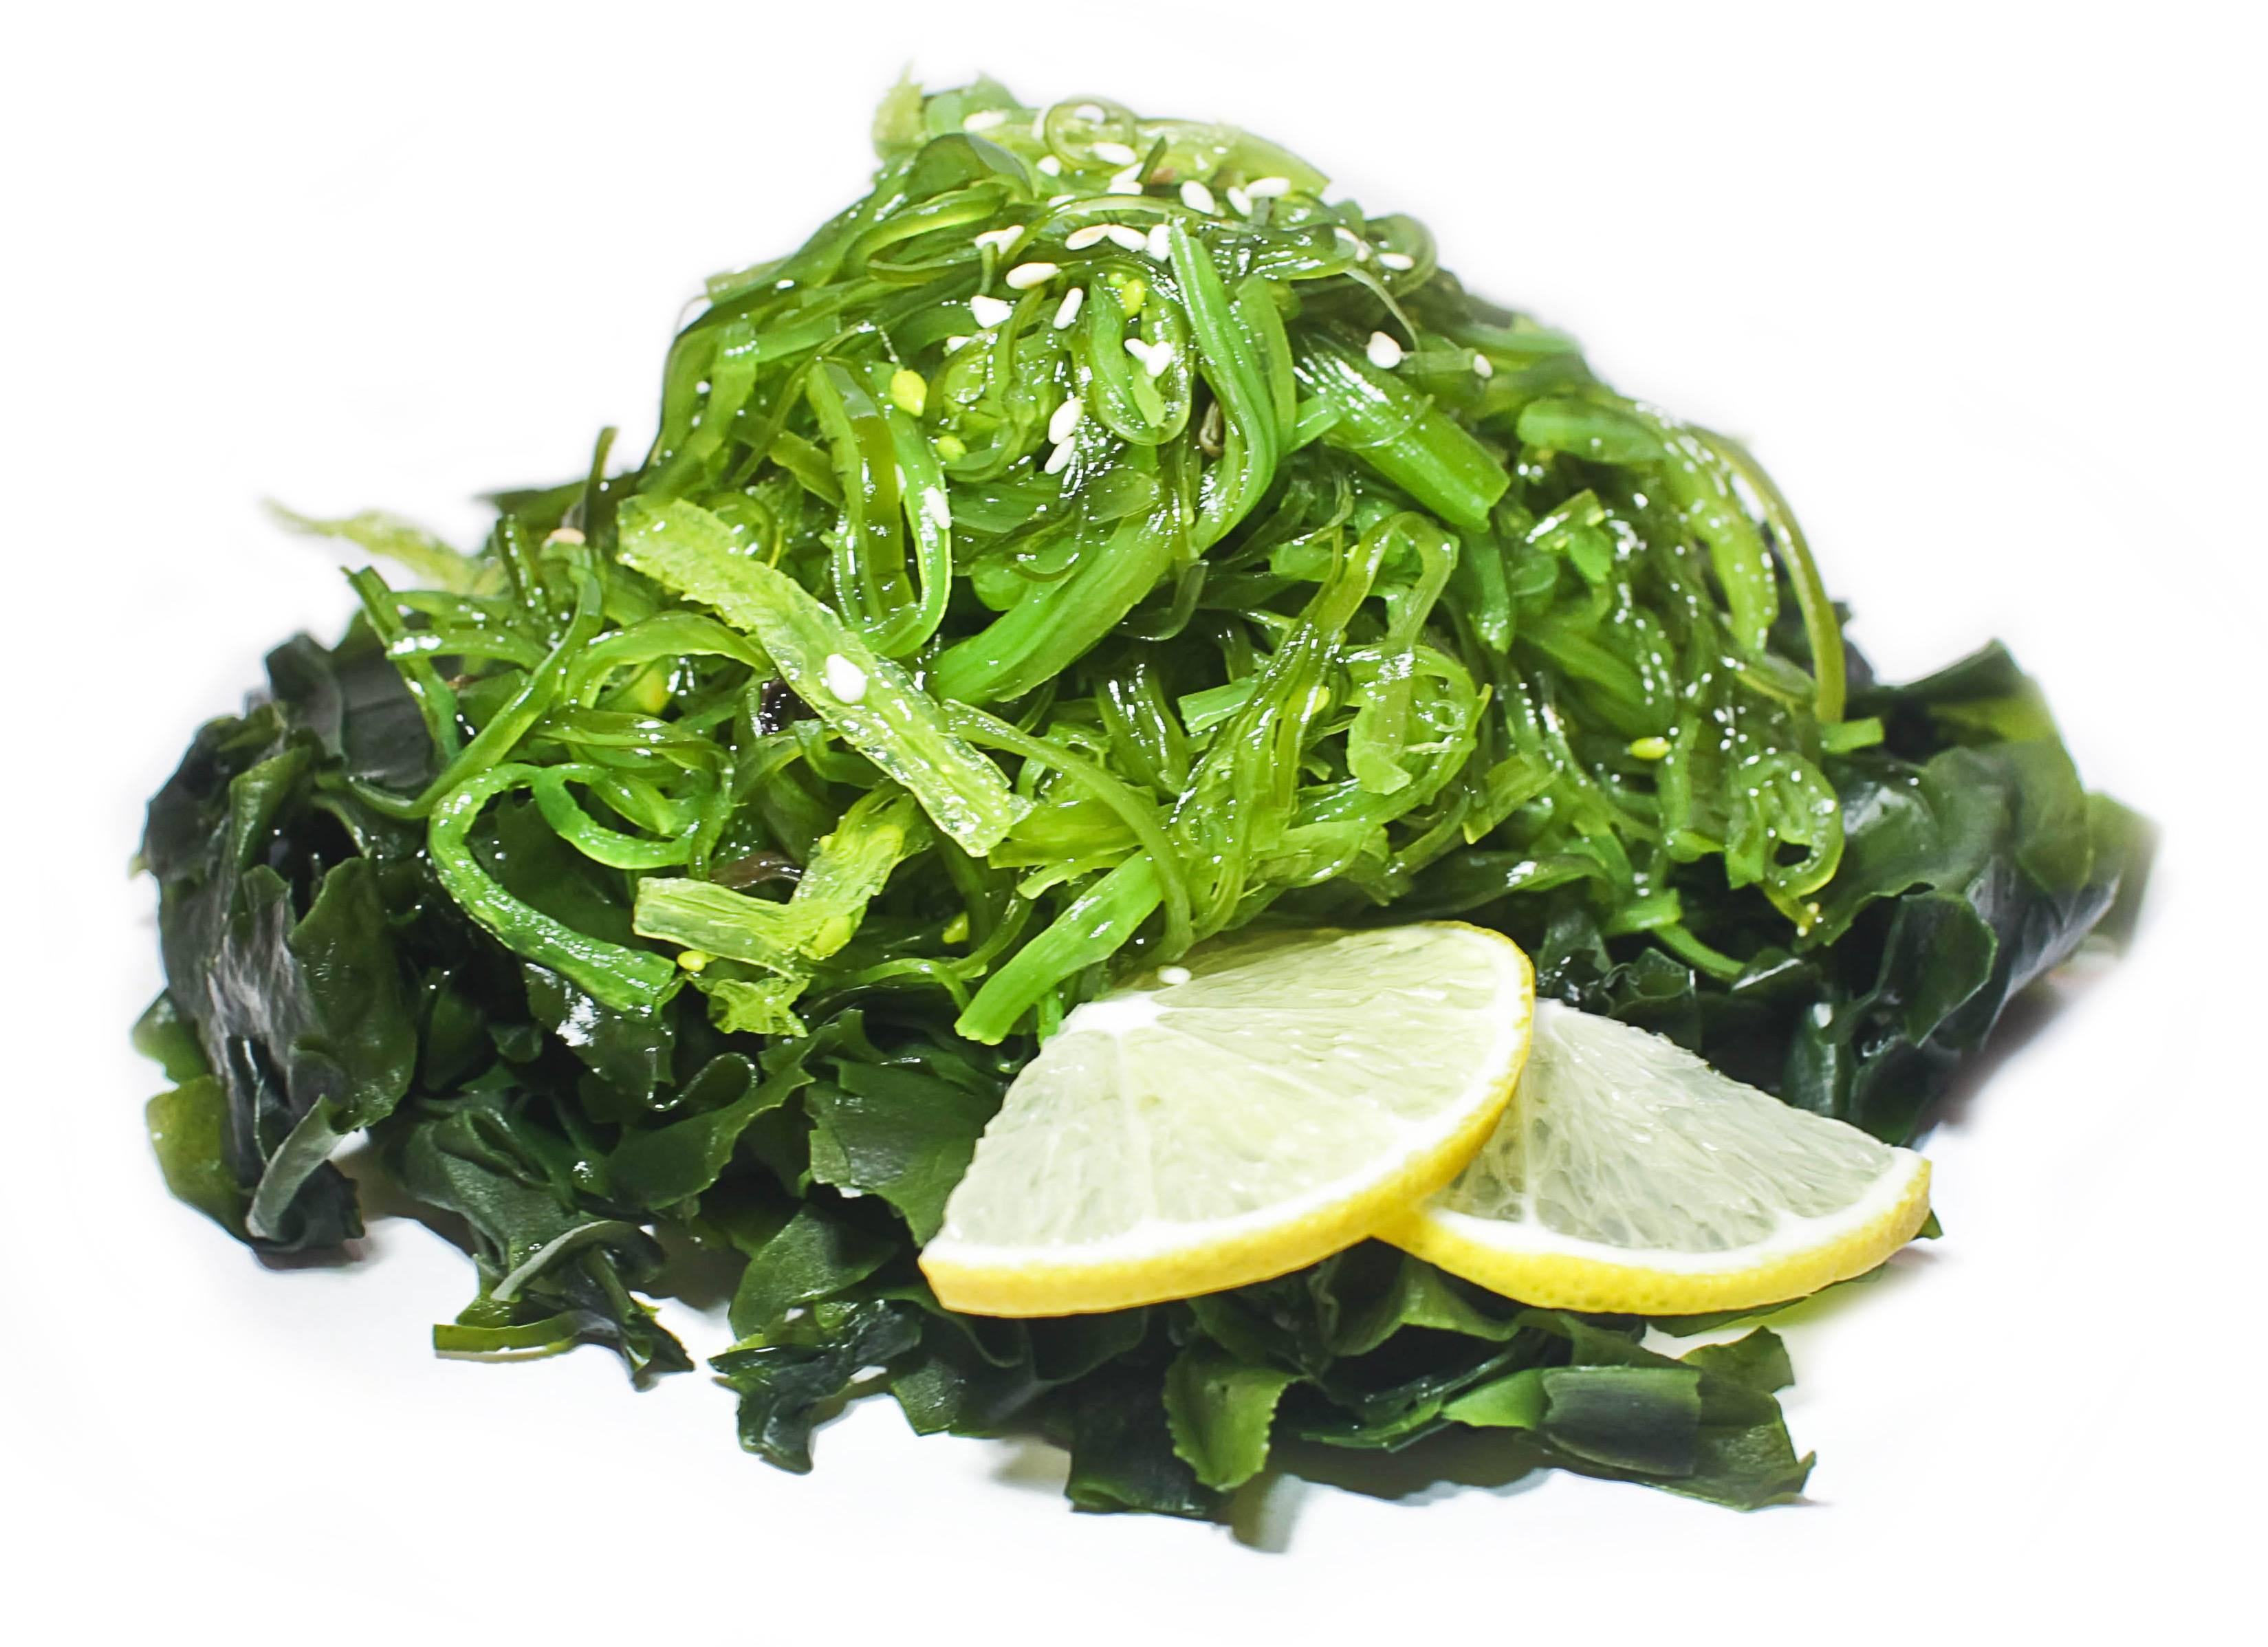 Салат чука: рецепт, состав, калорийность, бжу, полезные свойства и противопоказания